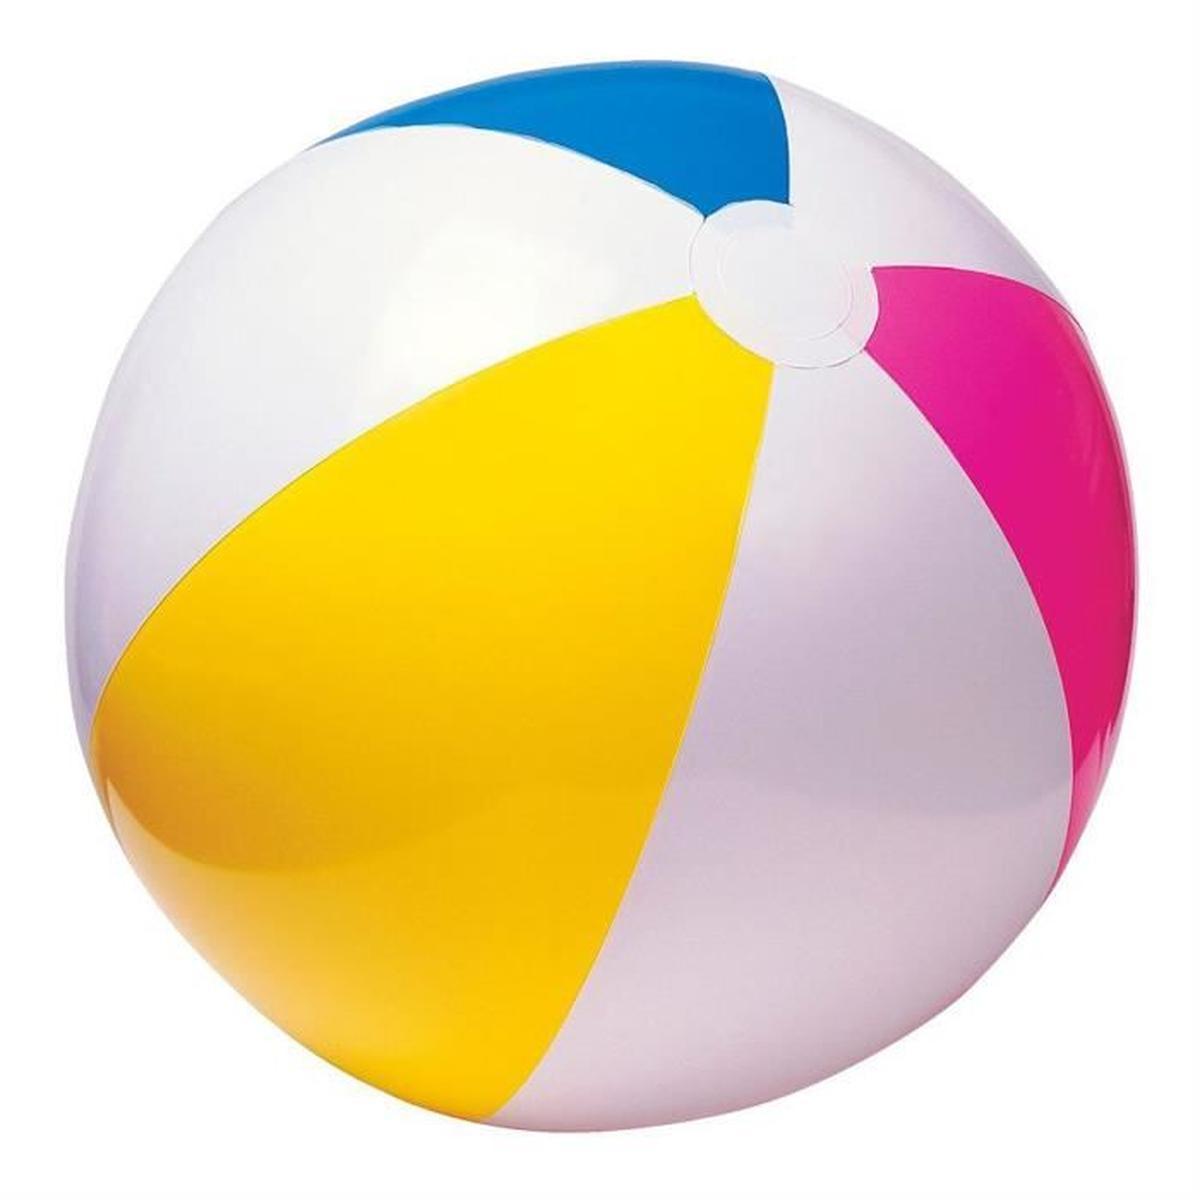 Ballon de plage multicolore Journée : 4 € Week-end : 6 €